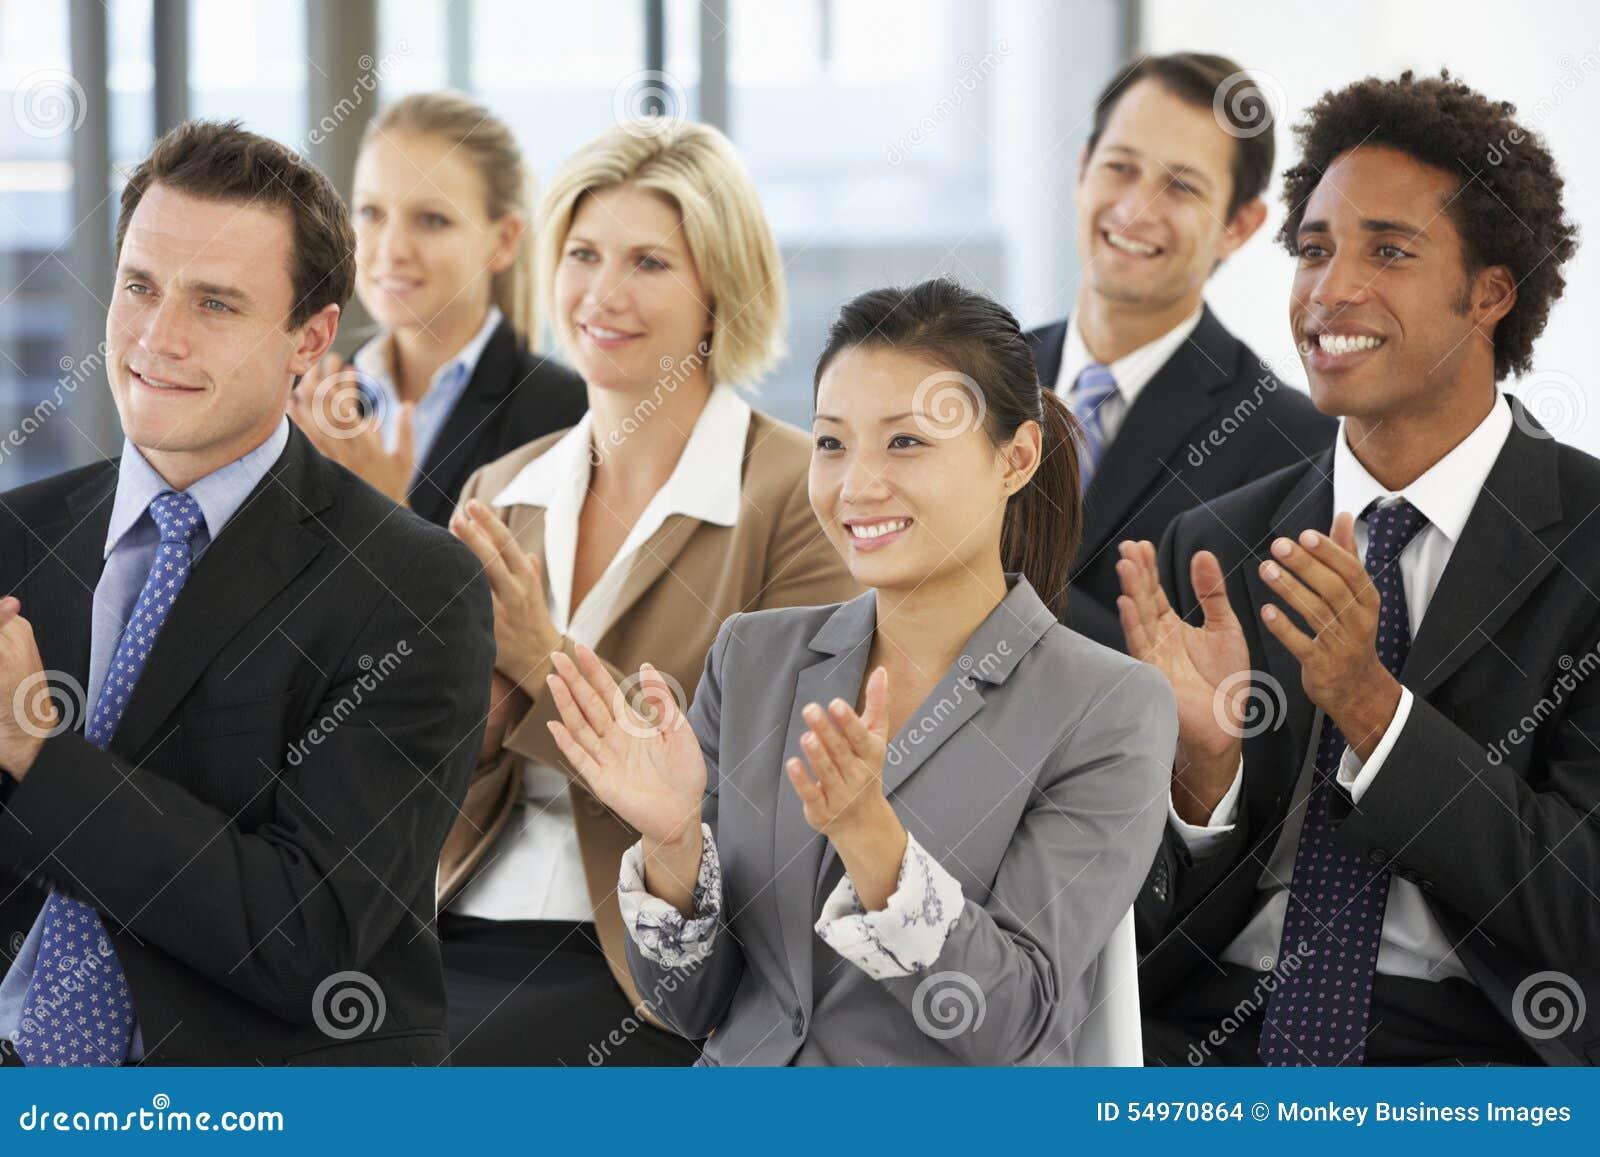 Groep Bedrijfsmensen die Spreker aan het eind van een Presentatie toejuichen